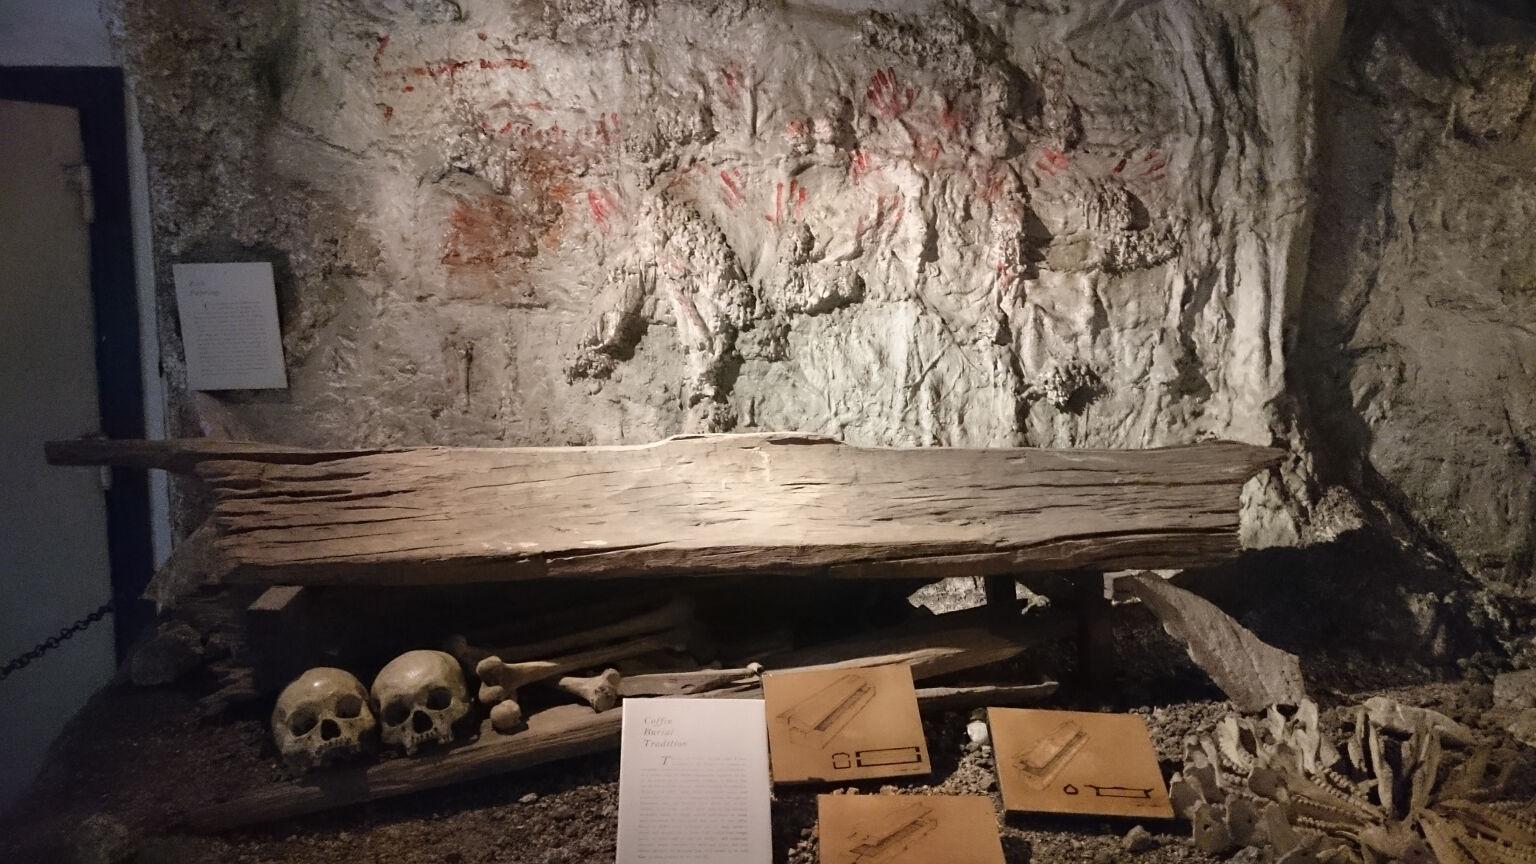 tagbilaran-bohol-national-museum-lamanoc-cave-painting-exhibit